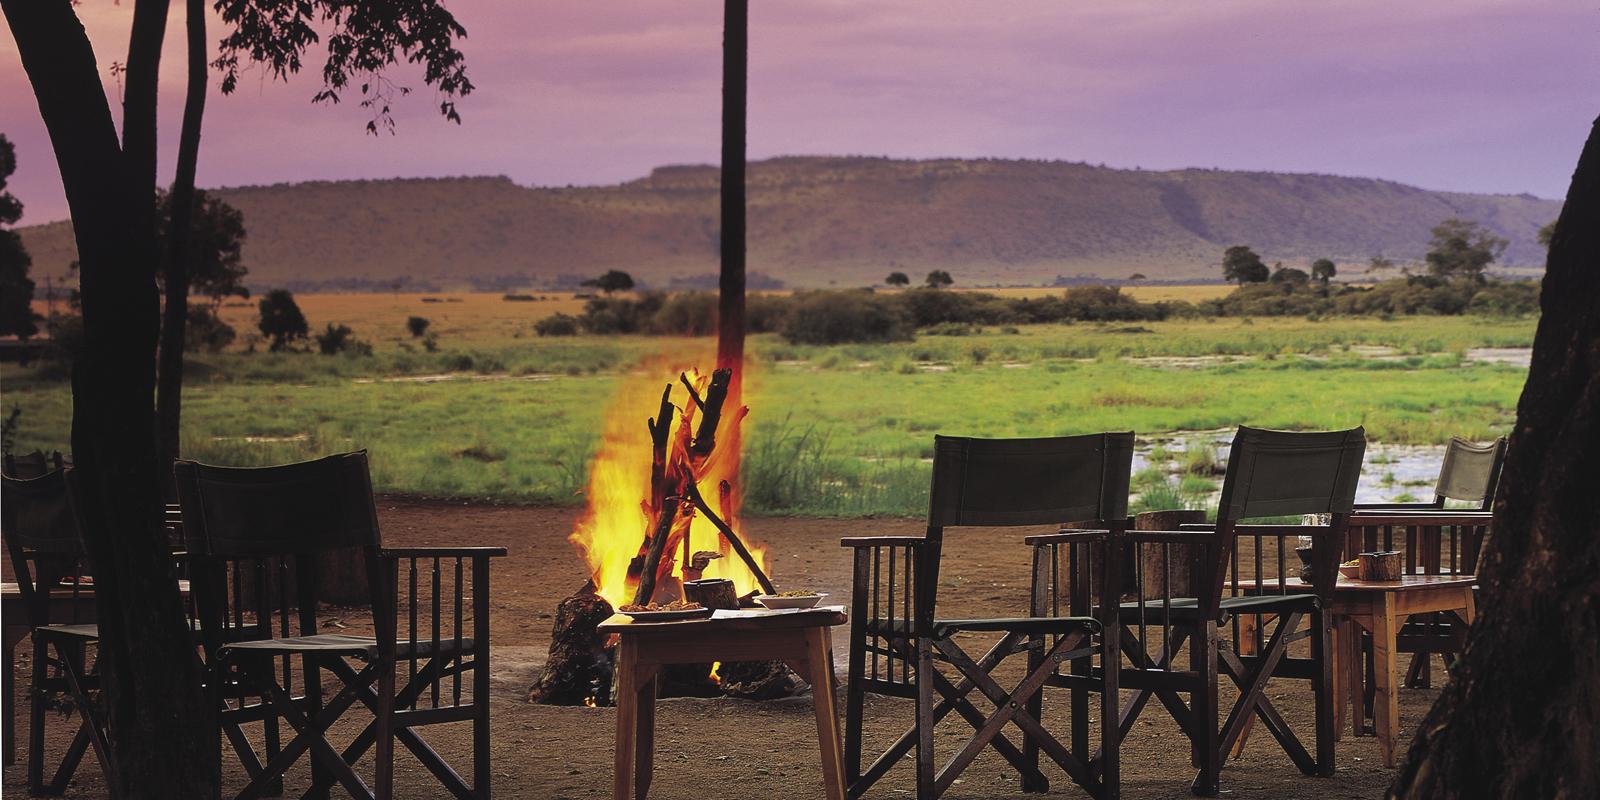 Kenya-Little-Governer's-Campfire